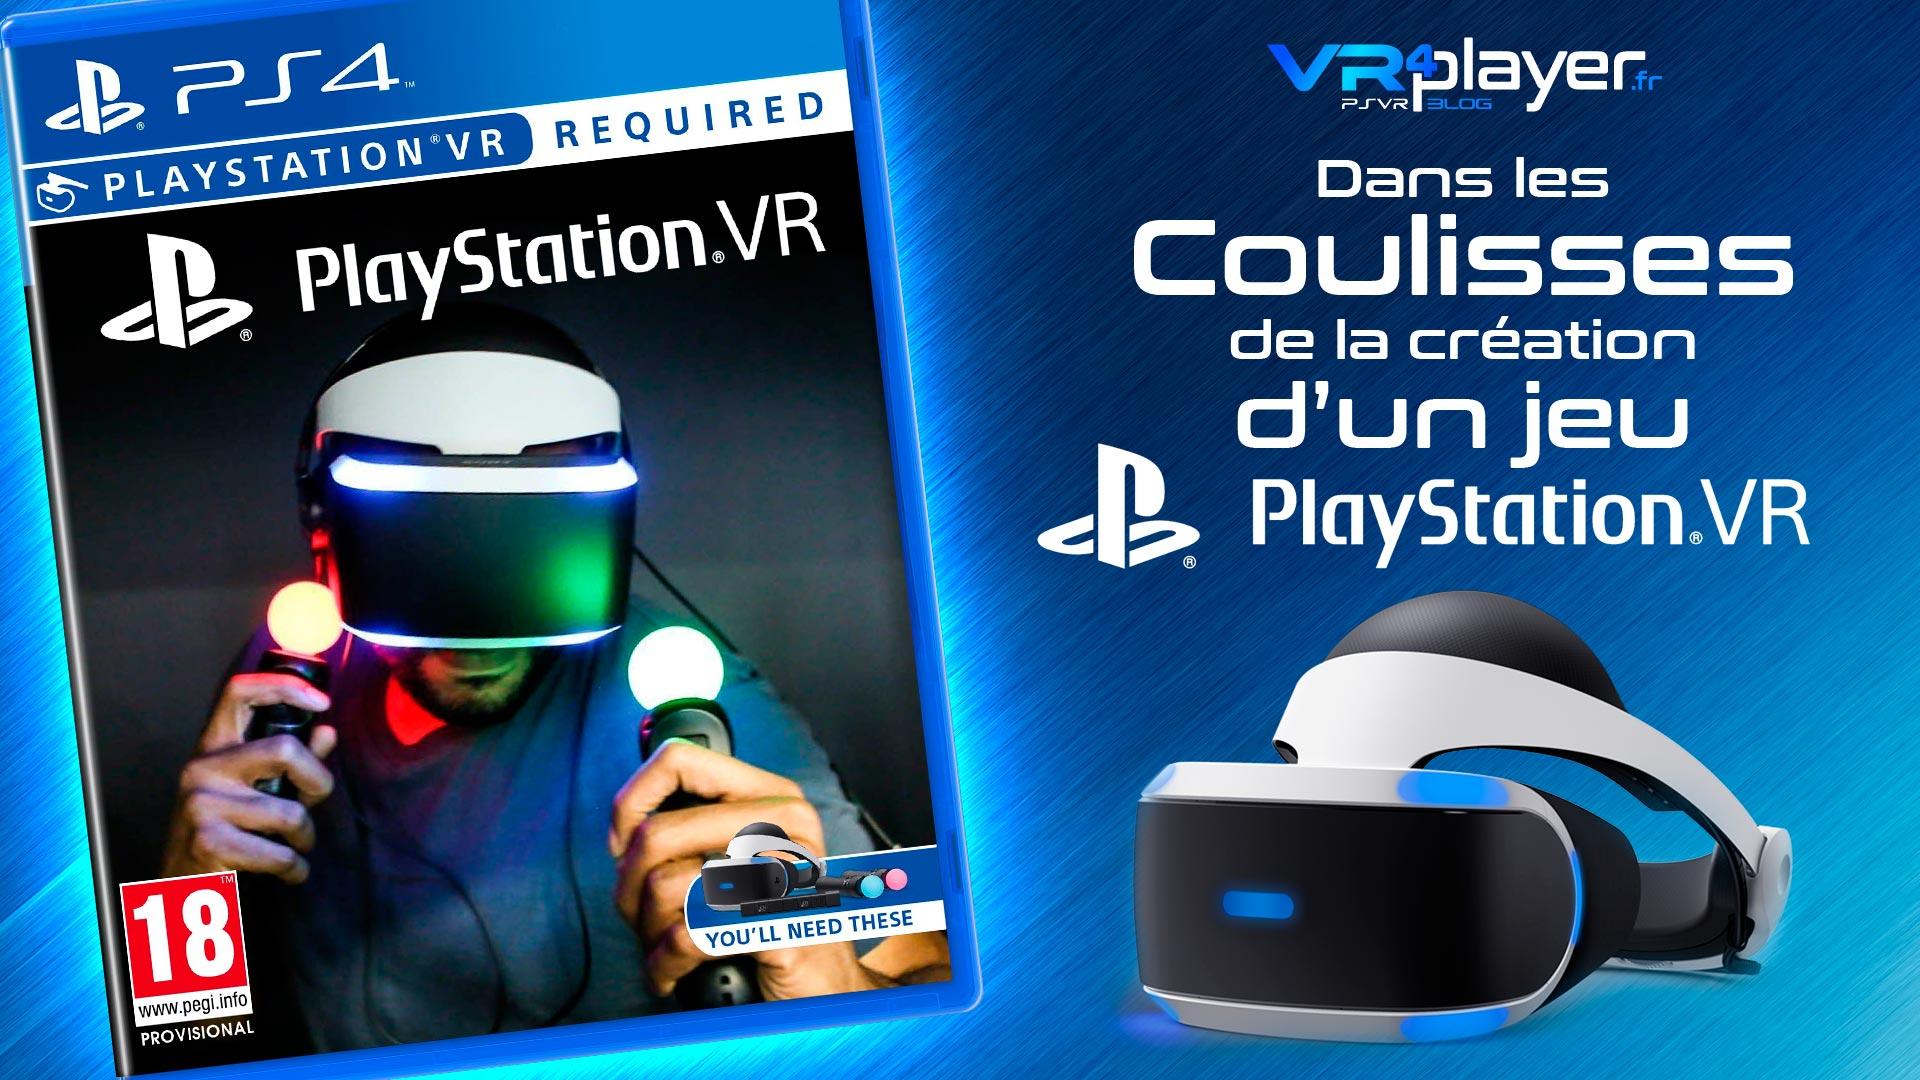 PlayStation VR dans les coulisses de la création d'un jeu PSVR VR4Player